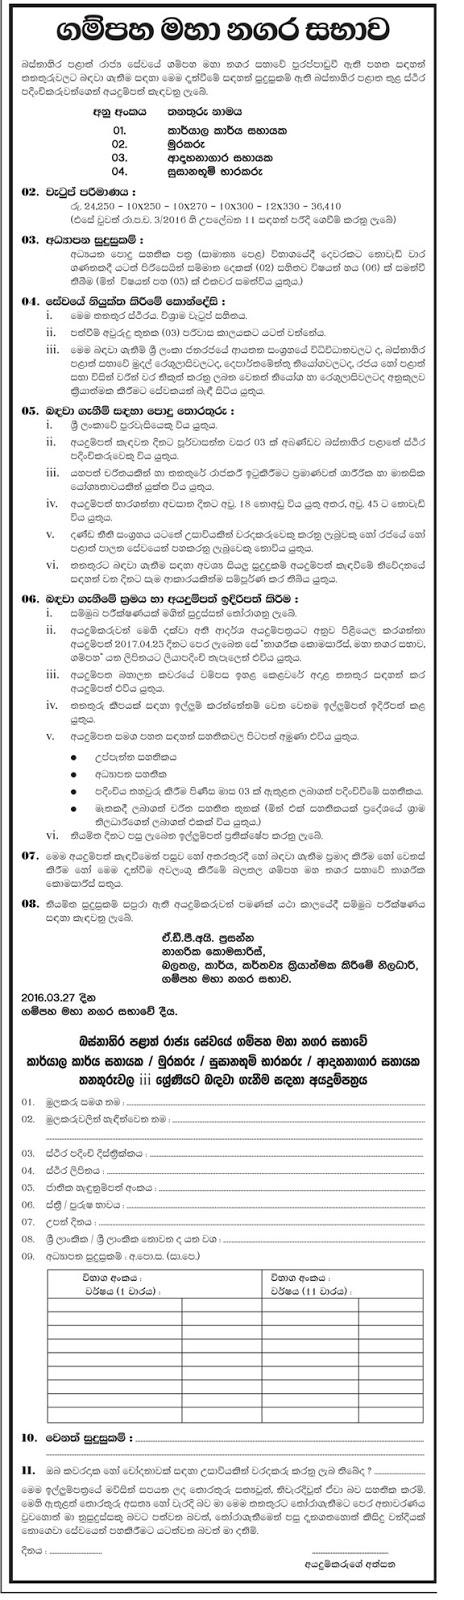 Sri Lankan Government Job Vacancies At Gampaha Municipal Council